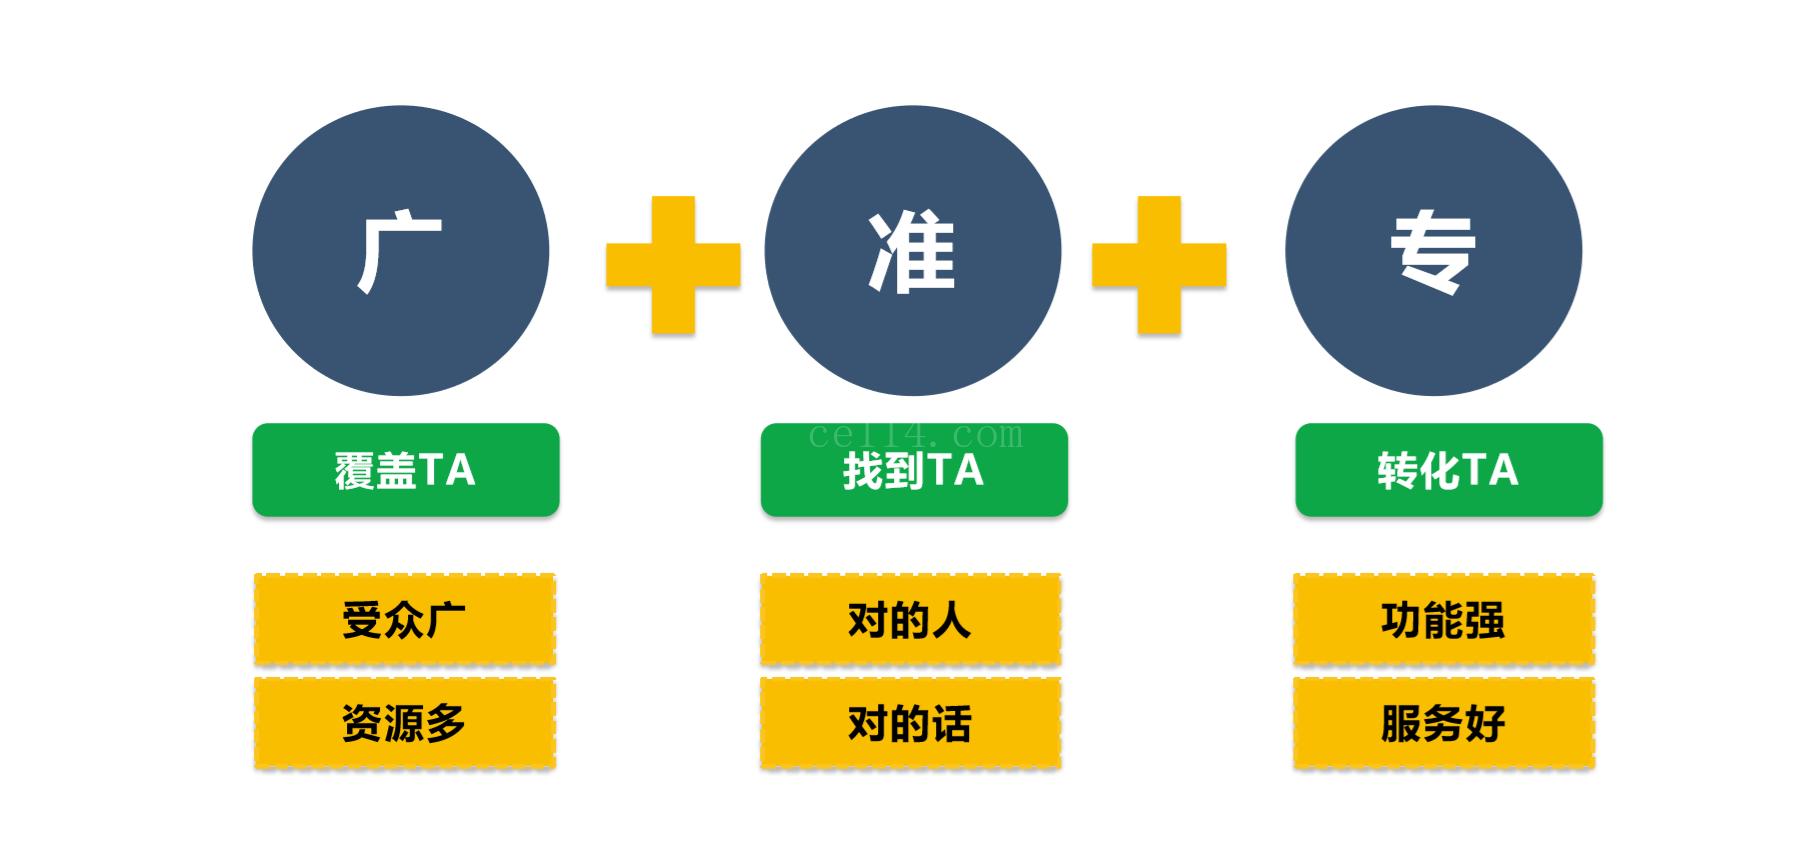 安徽微信朋友圈广告公司